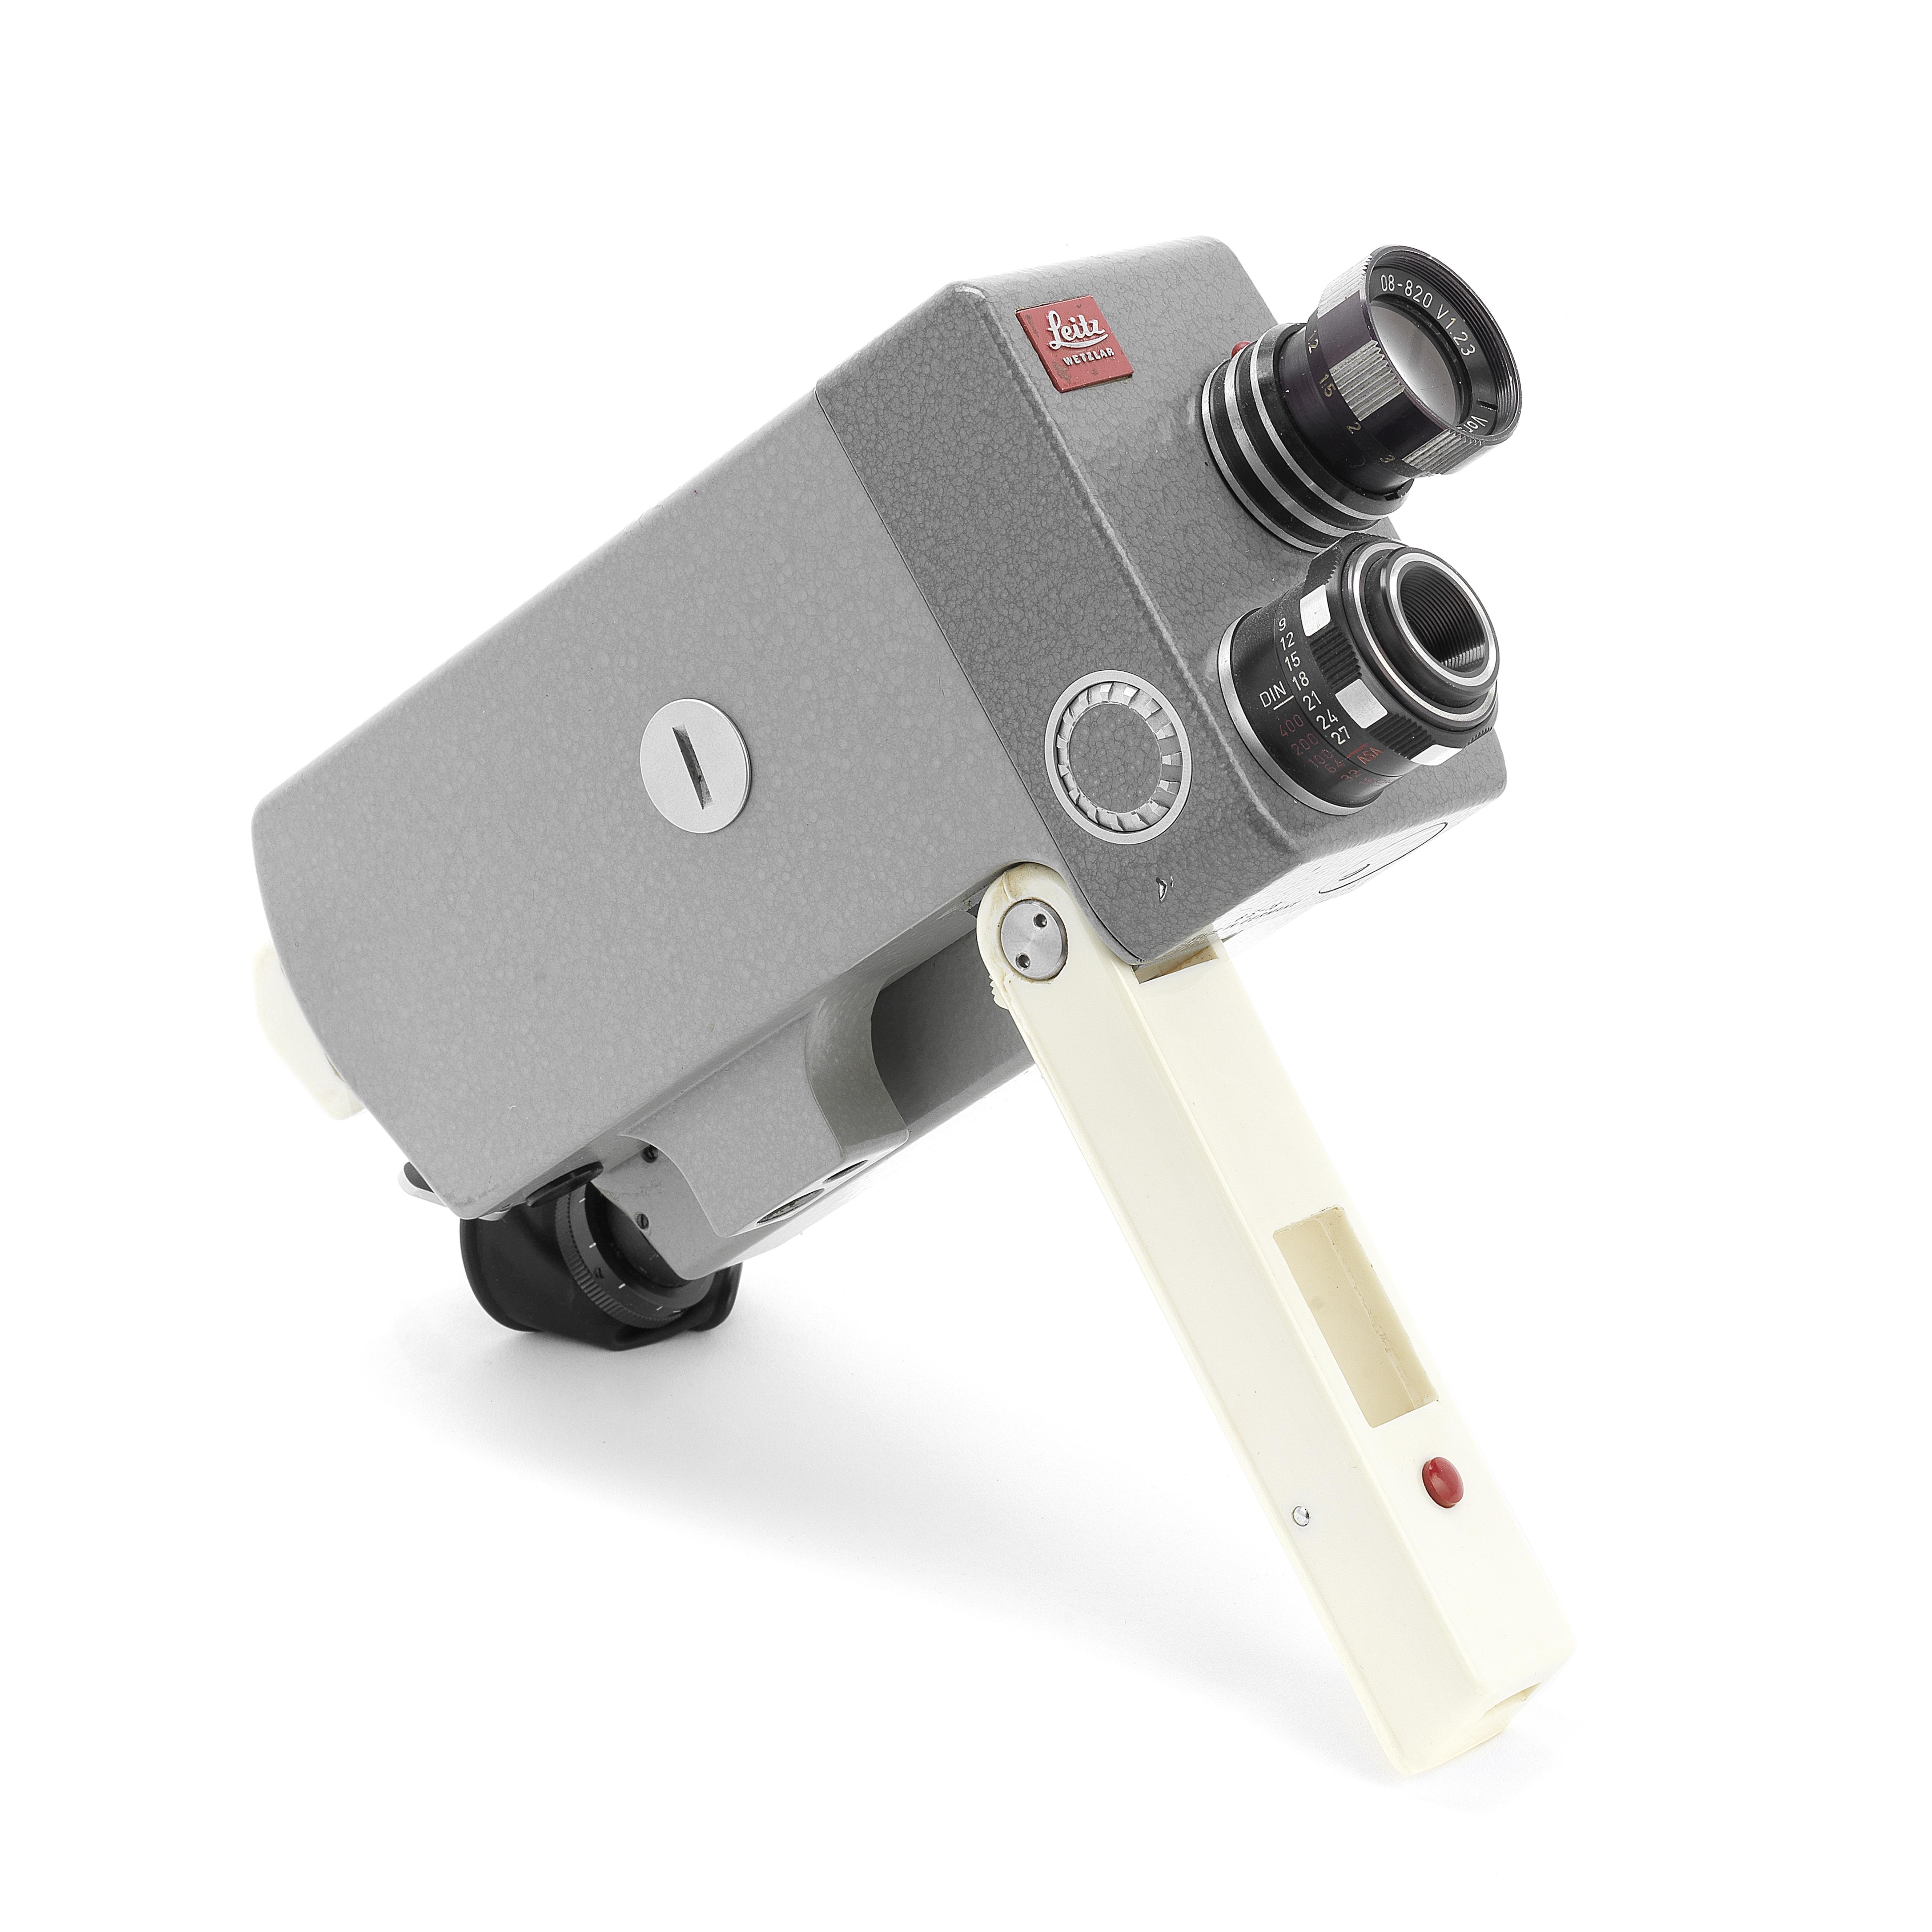 A LEICINA prototype cine camera,